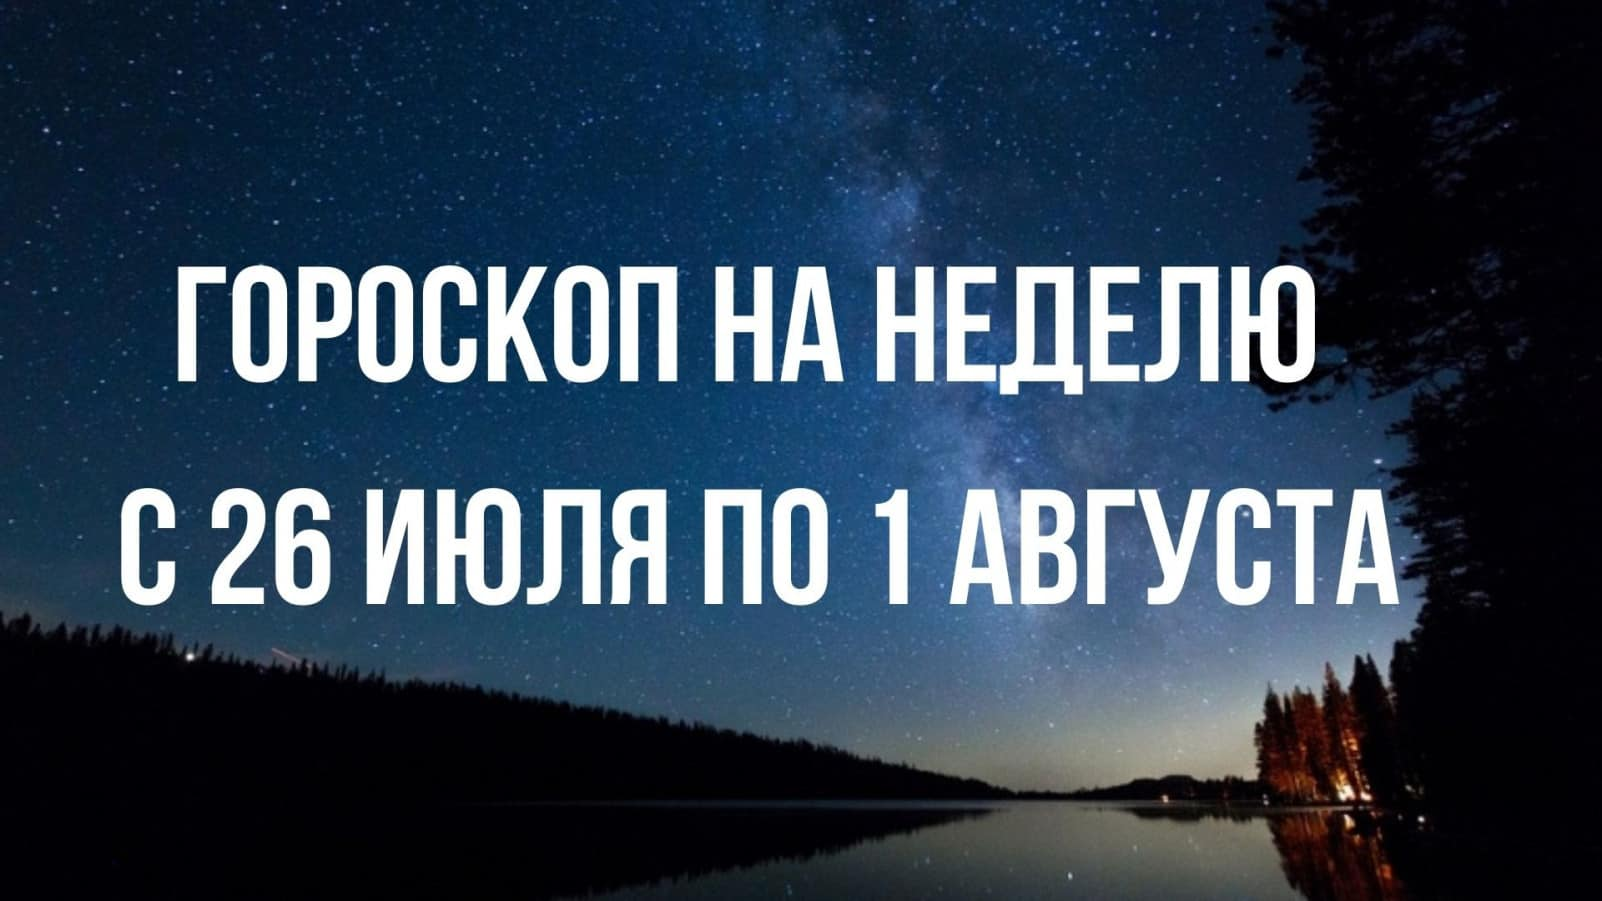 Гороскоп на неделю с 26 июля по 1 августа для всех знаков зодиака